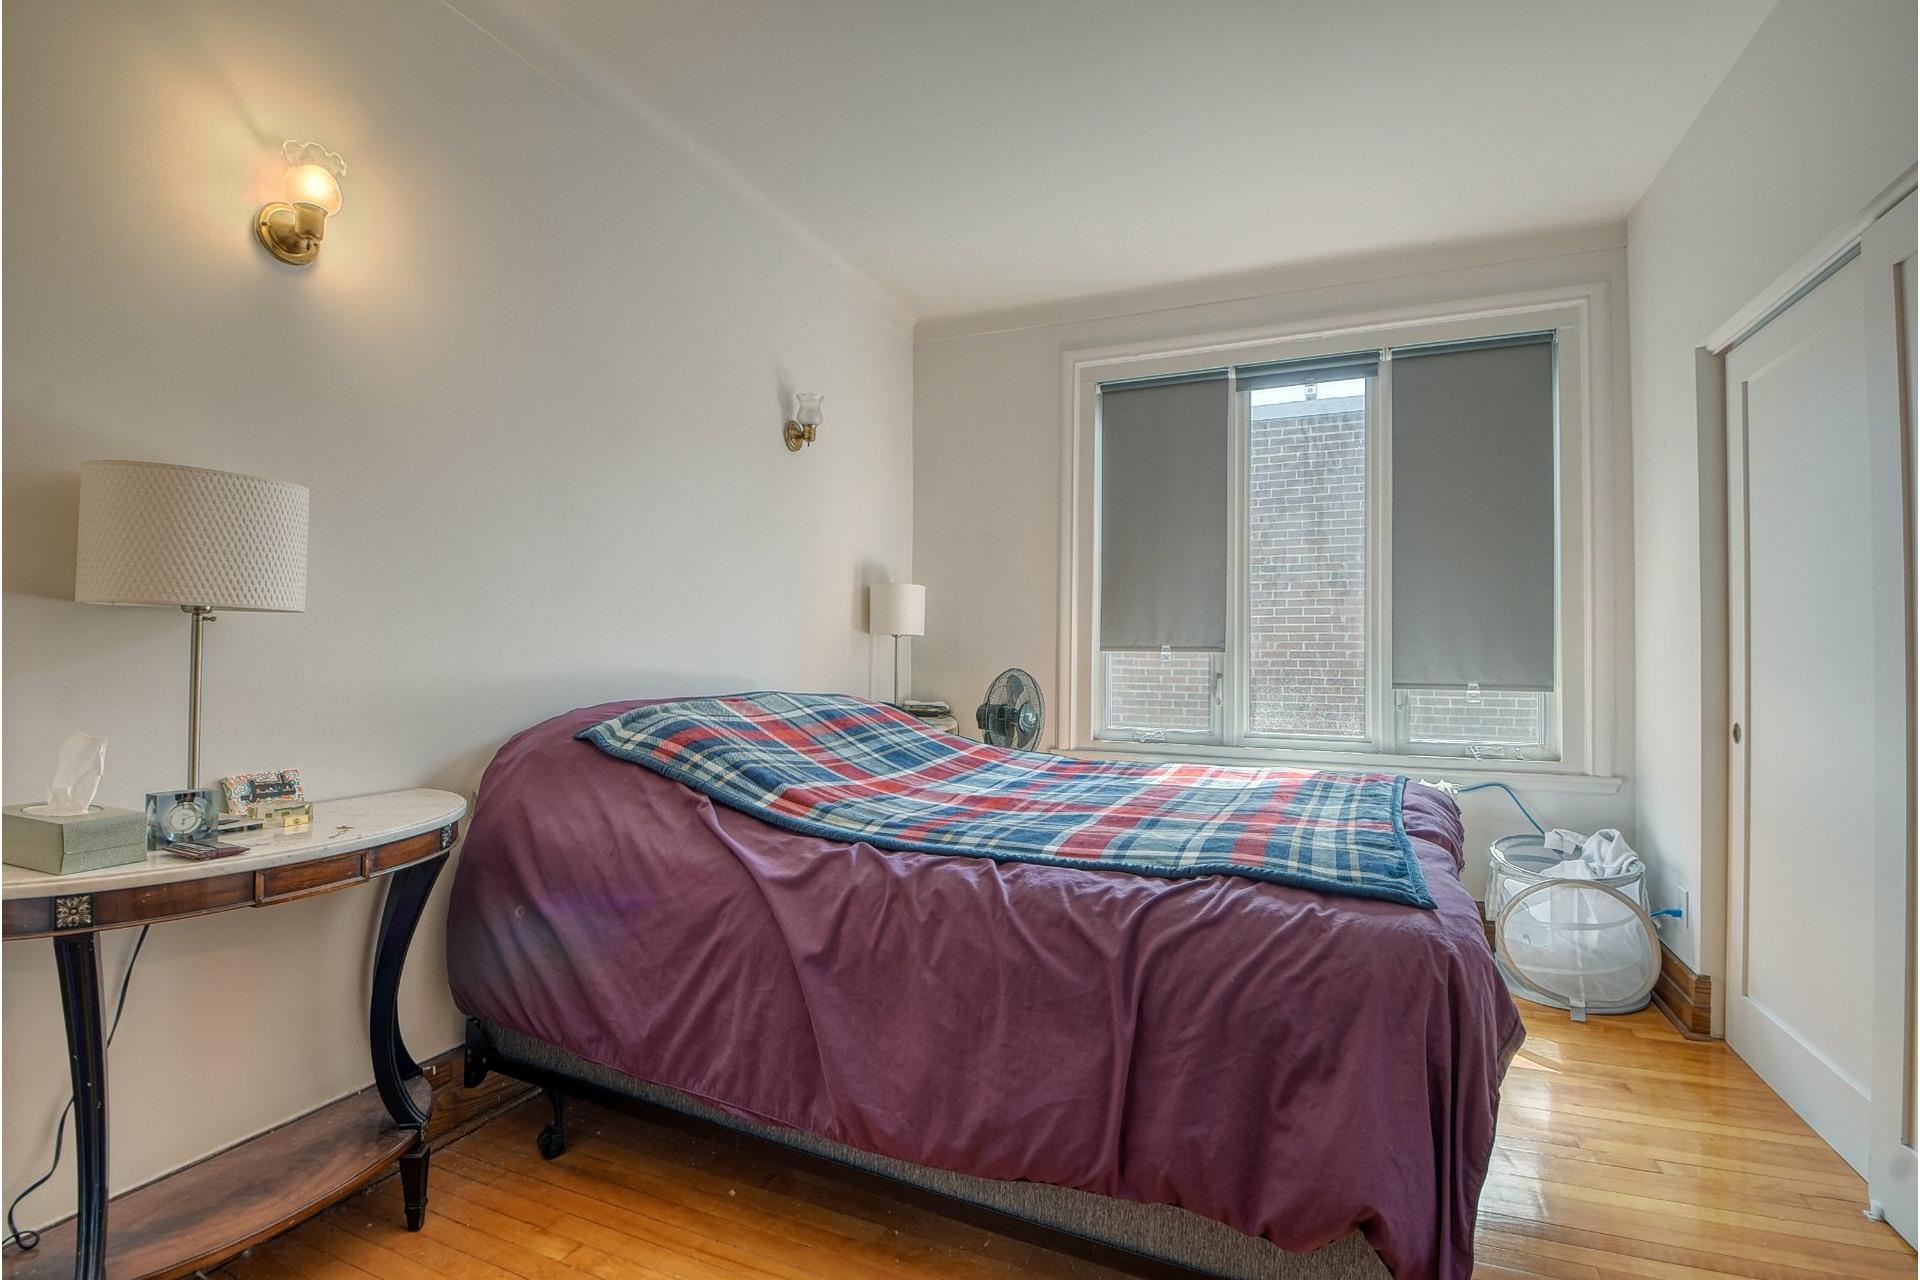 image 6 - Apartment For rent Côte-des-Neiges/Notre-Dame-de-Grâce Montréal  - 6 rooms